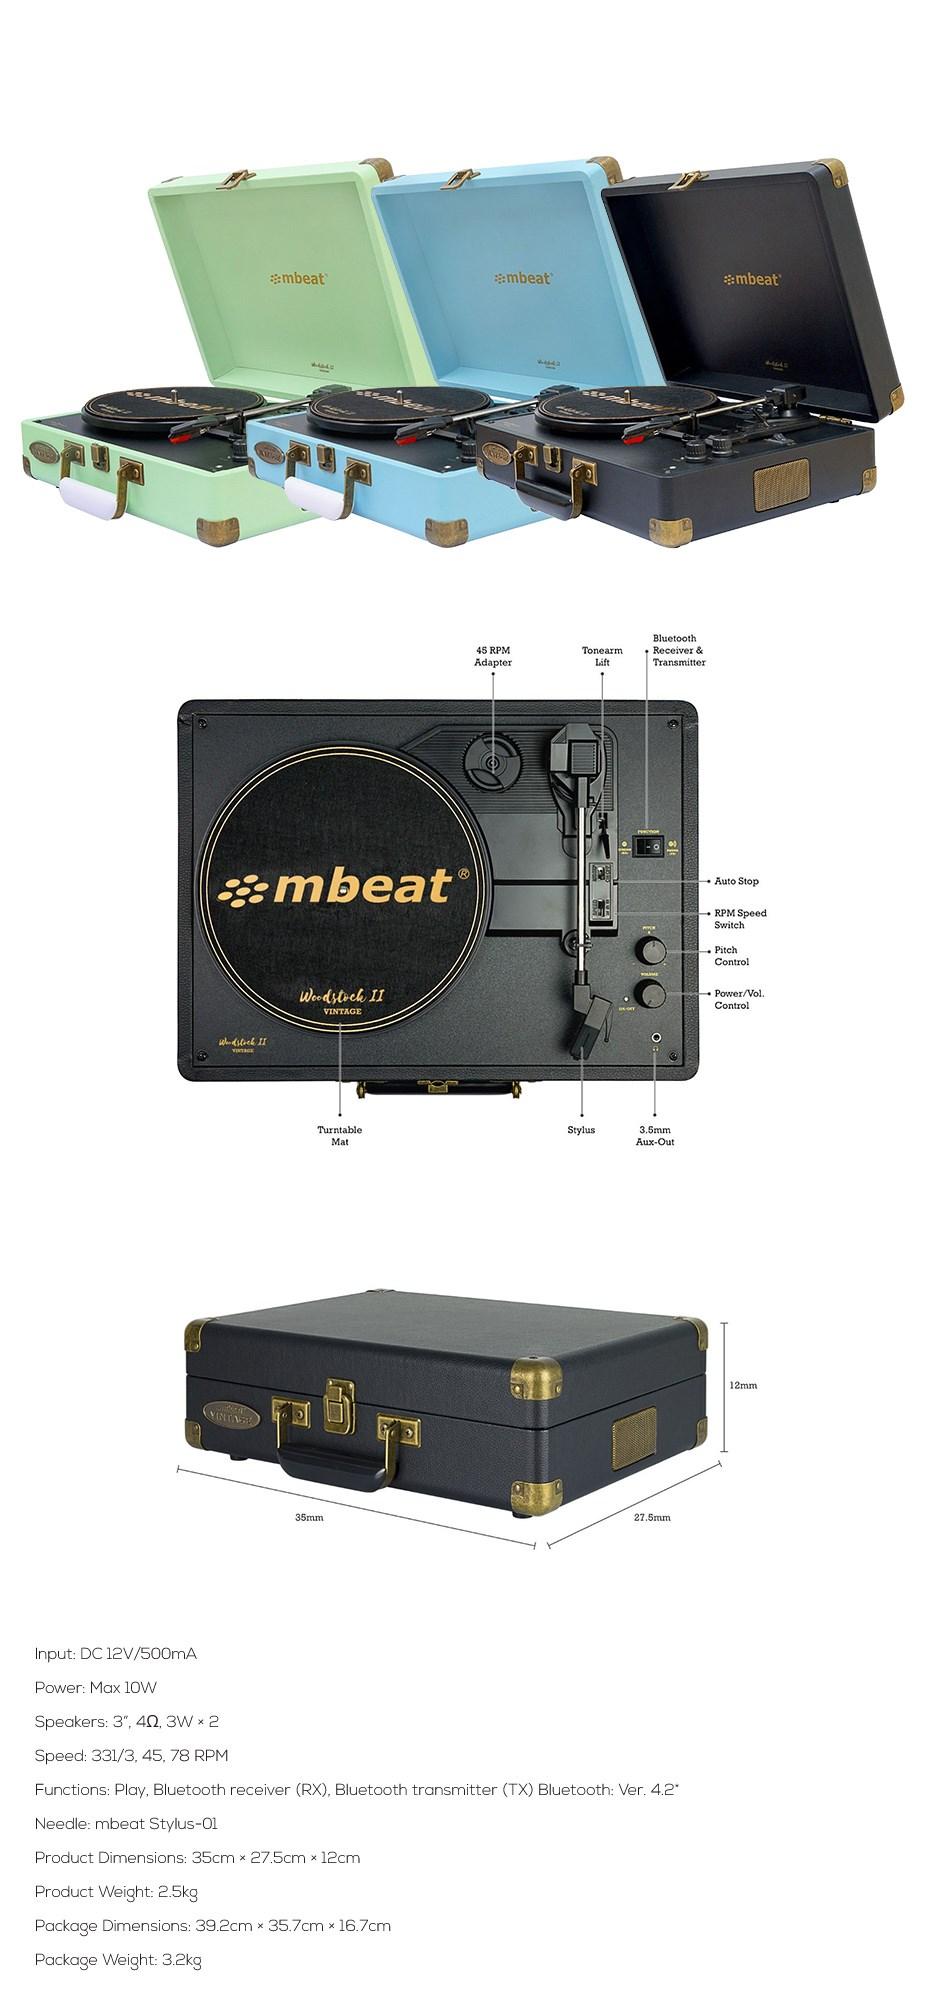 mbeat-woodstock-ii-vintage-bluetooth-stereo-turntable-blue-ac43898-3-1-.jpg